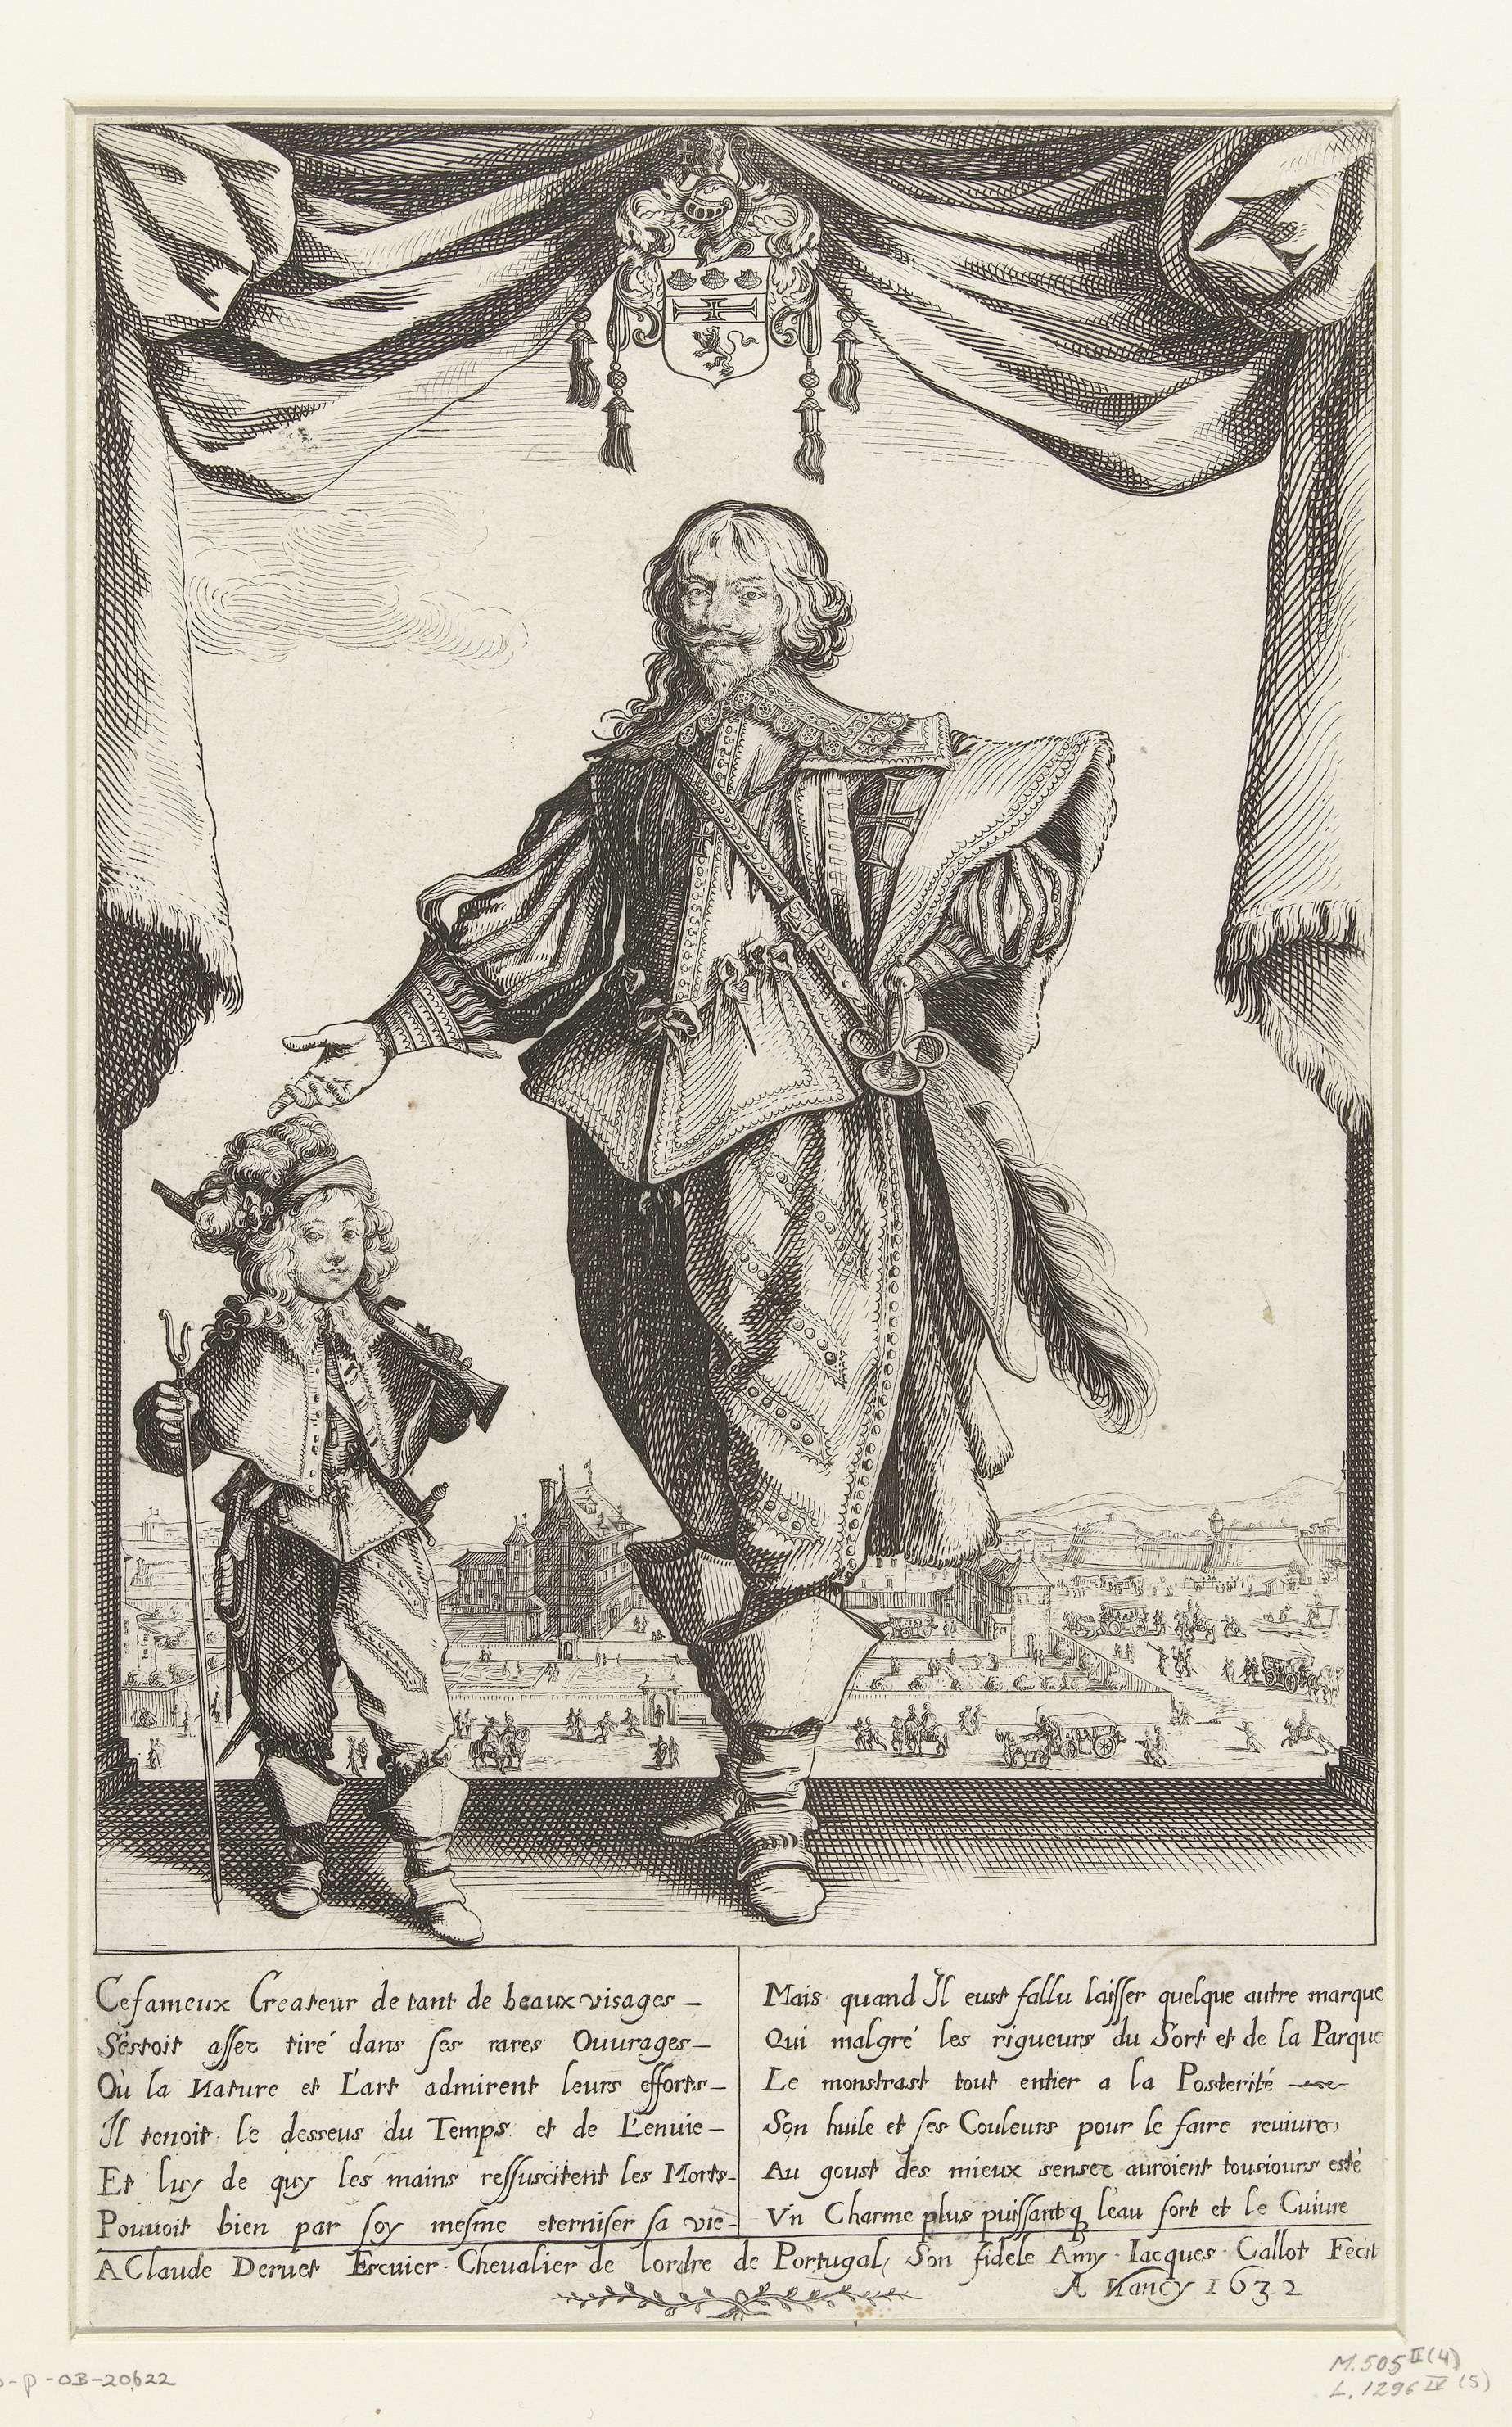 Jacques Callot | Portret van de schilder Claude Deruet en zijn zoon, Jacques Callot, 1632 | Portret ten voeten uit van Claude Deruet en zijn zoontje, staand op een soort toneel omlijst met gordijnen. Eerstgenoemde draagt een zwaard op zijn heup, laatstgenoemde een klein musket en furket (steunvork voor de loop van het geweer). Boven hun hoofden een wapenschild. Op de achtergrond de stadsmuren van Nancy. Onder de voorstelling een berijmde Franse tekst.